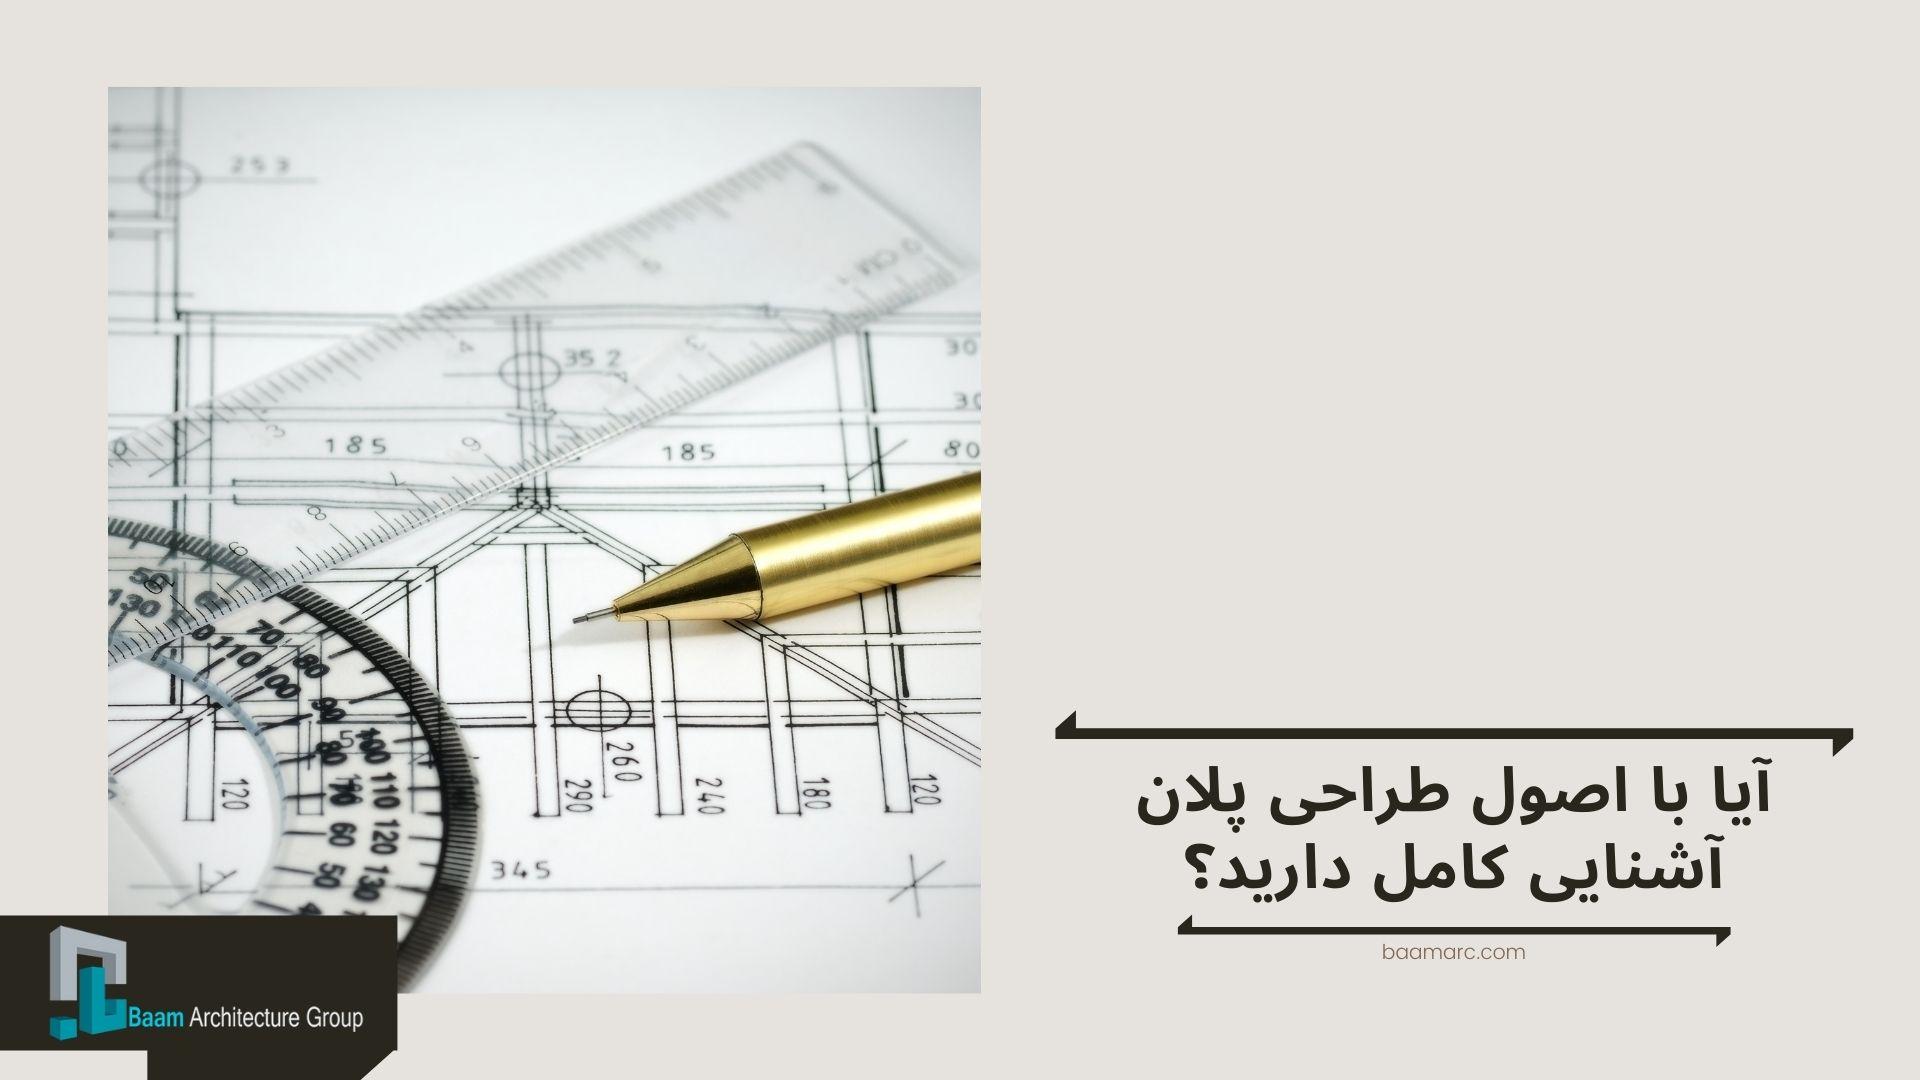 آیا با اصول طراحی پلان آشنایی کامل دارید؟